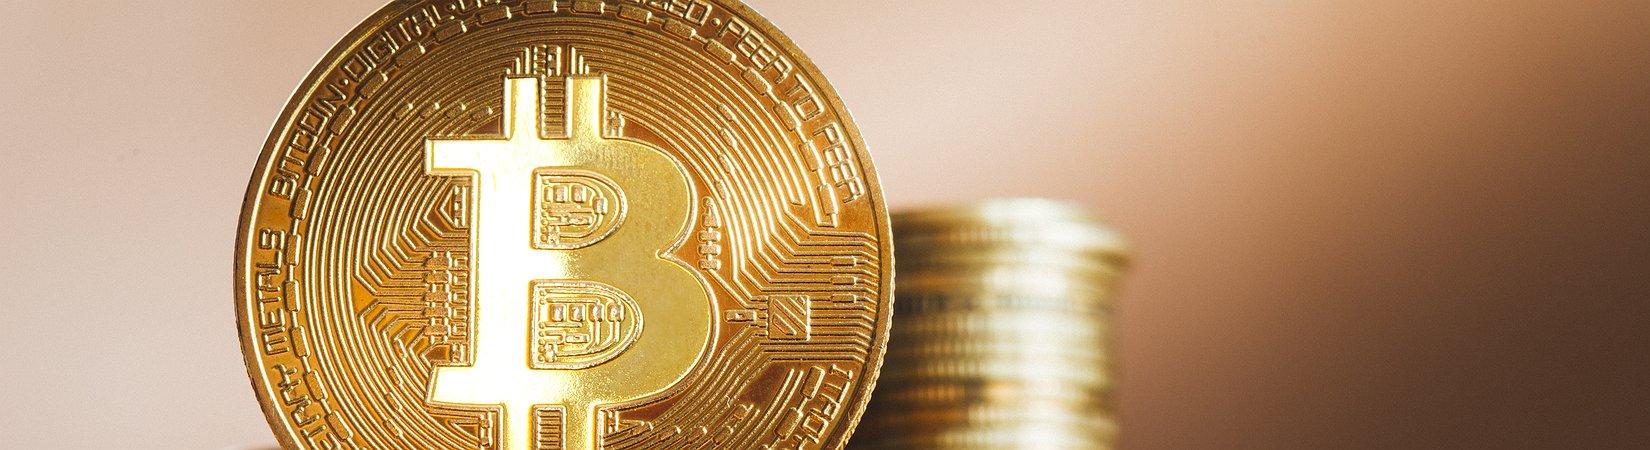 Futures sul bitcoin: arriva l'ok delle autorità a CME Group e Cboe